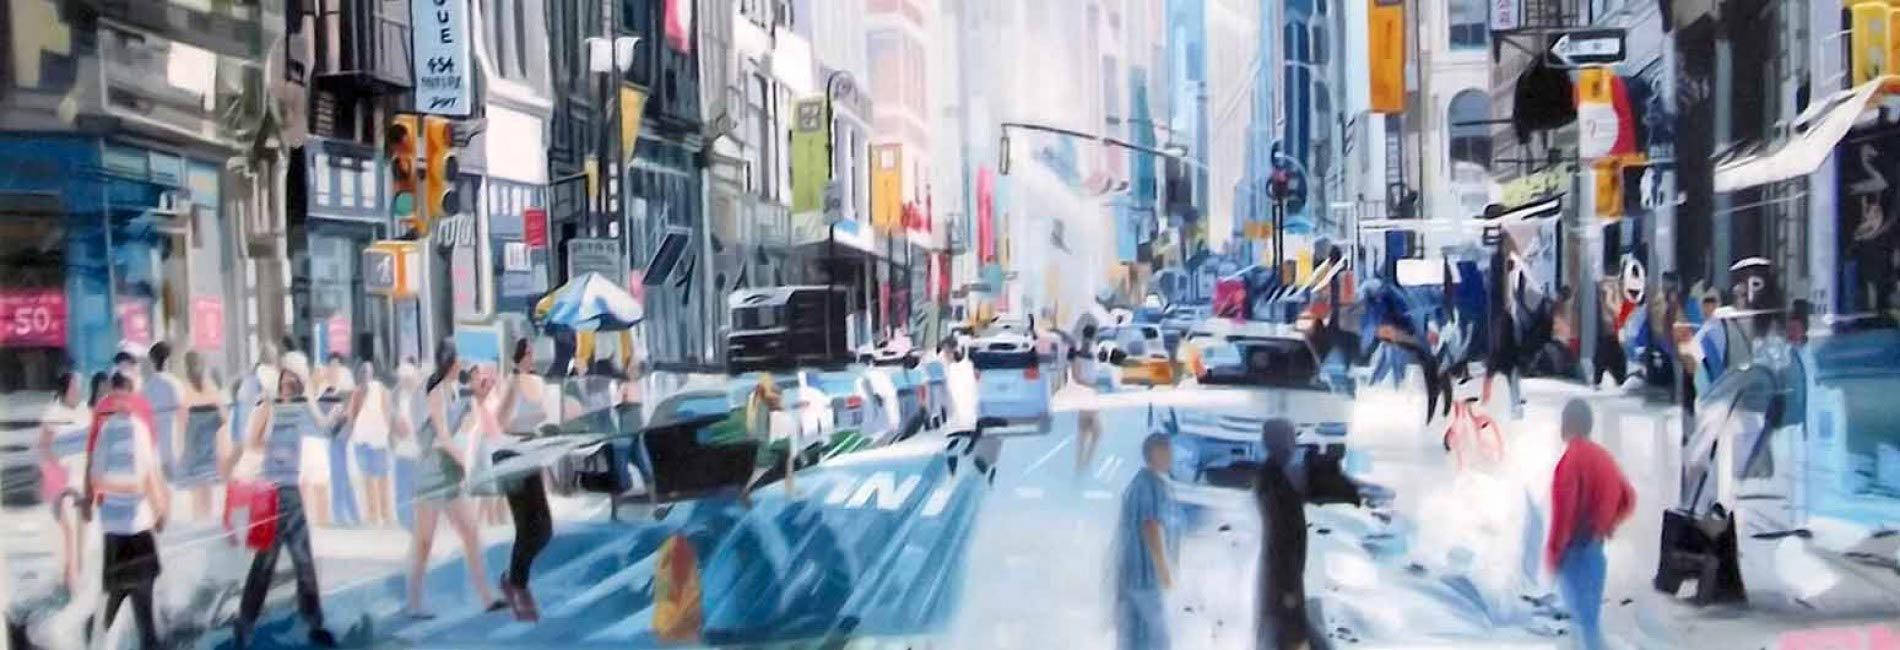 malerier_kunst_maleri_moderne-kunst_malerier-til-salg-abstrakte-malerier-11